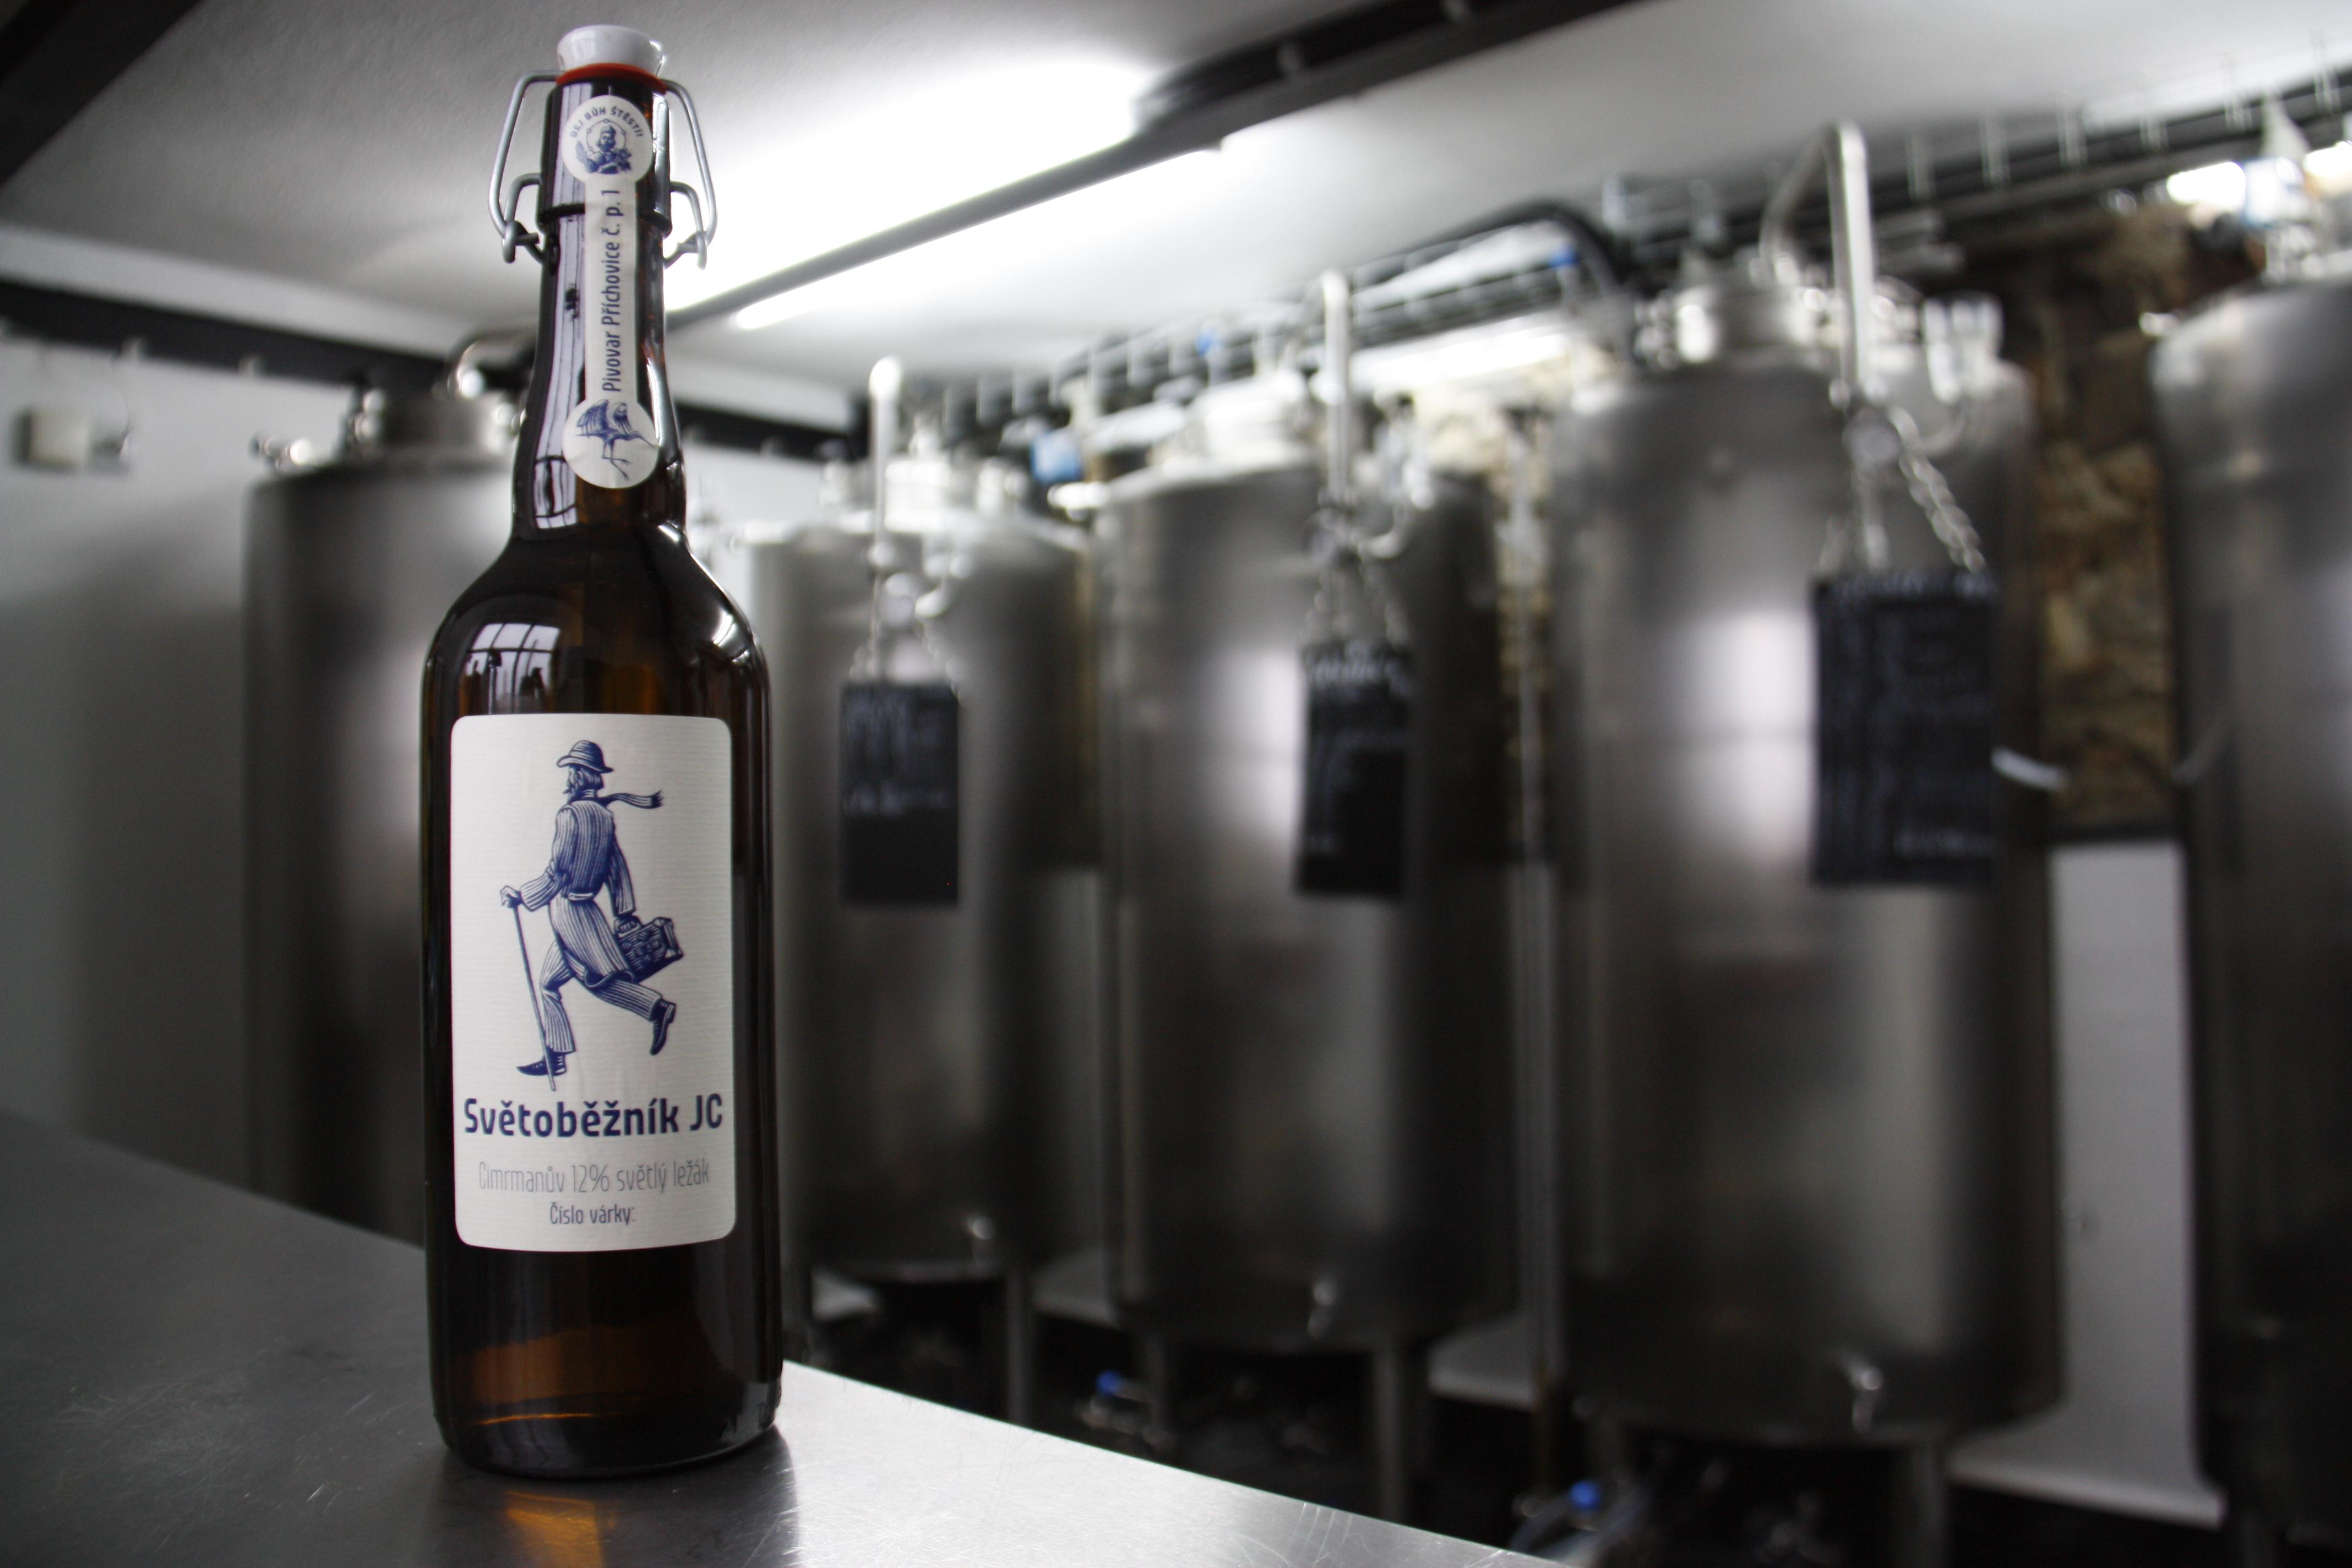 Pivo Světoběžník JC